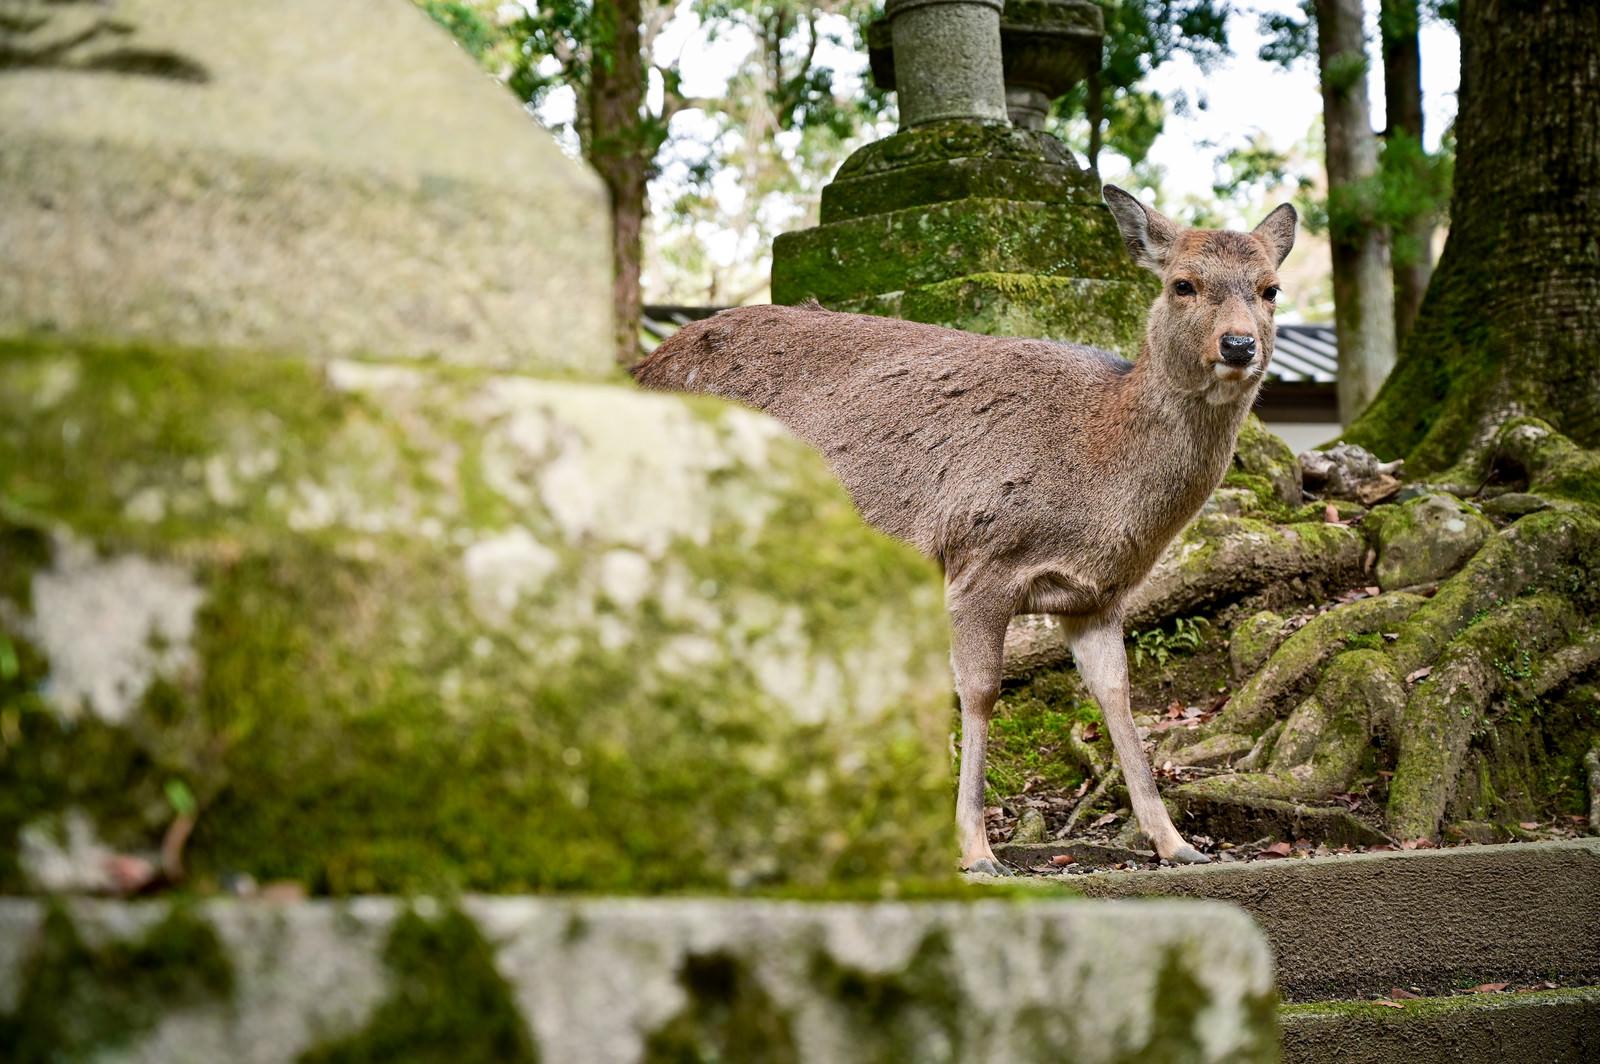 「奈良の鹿があらわれた」の写真